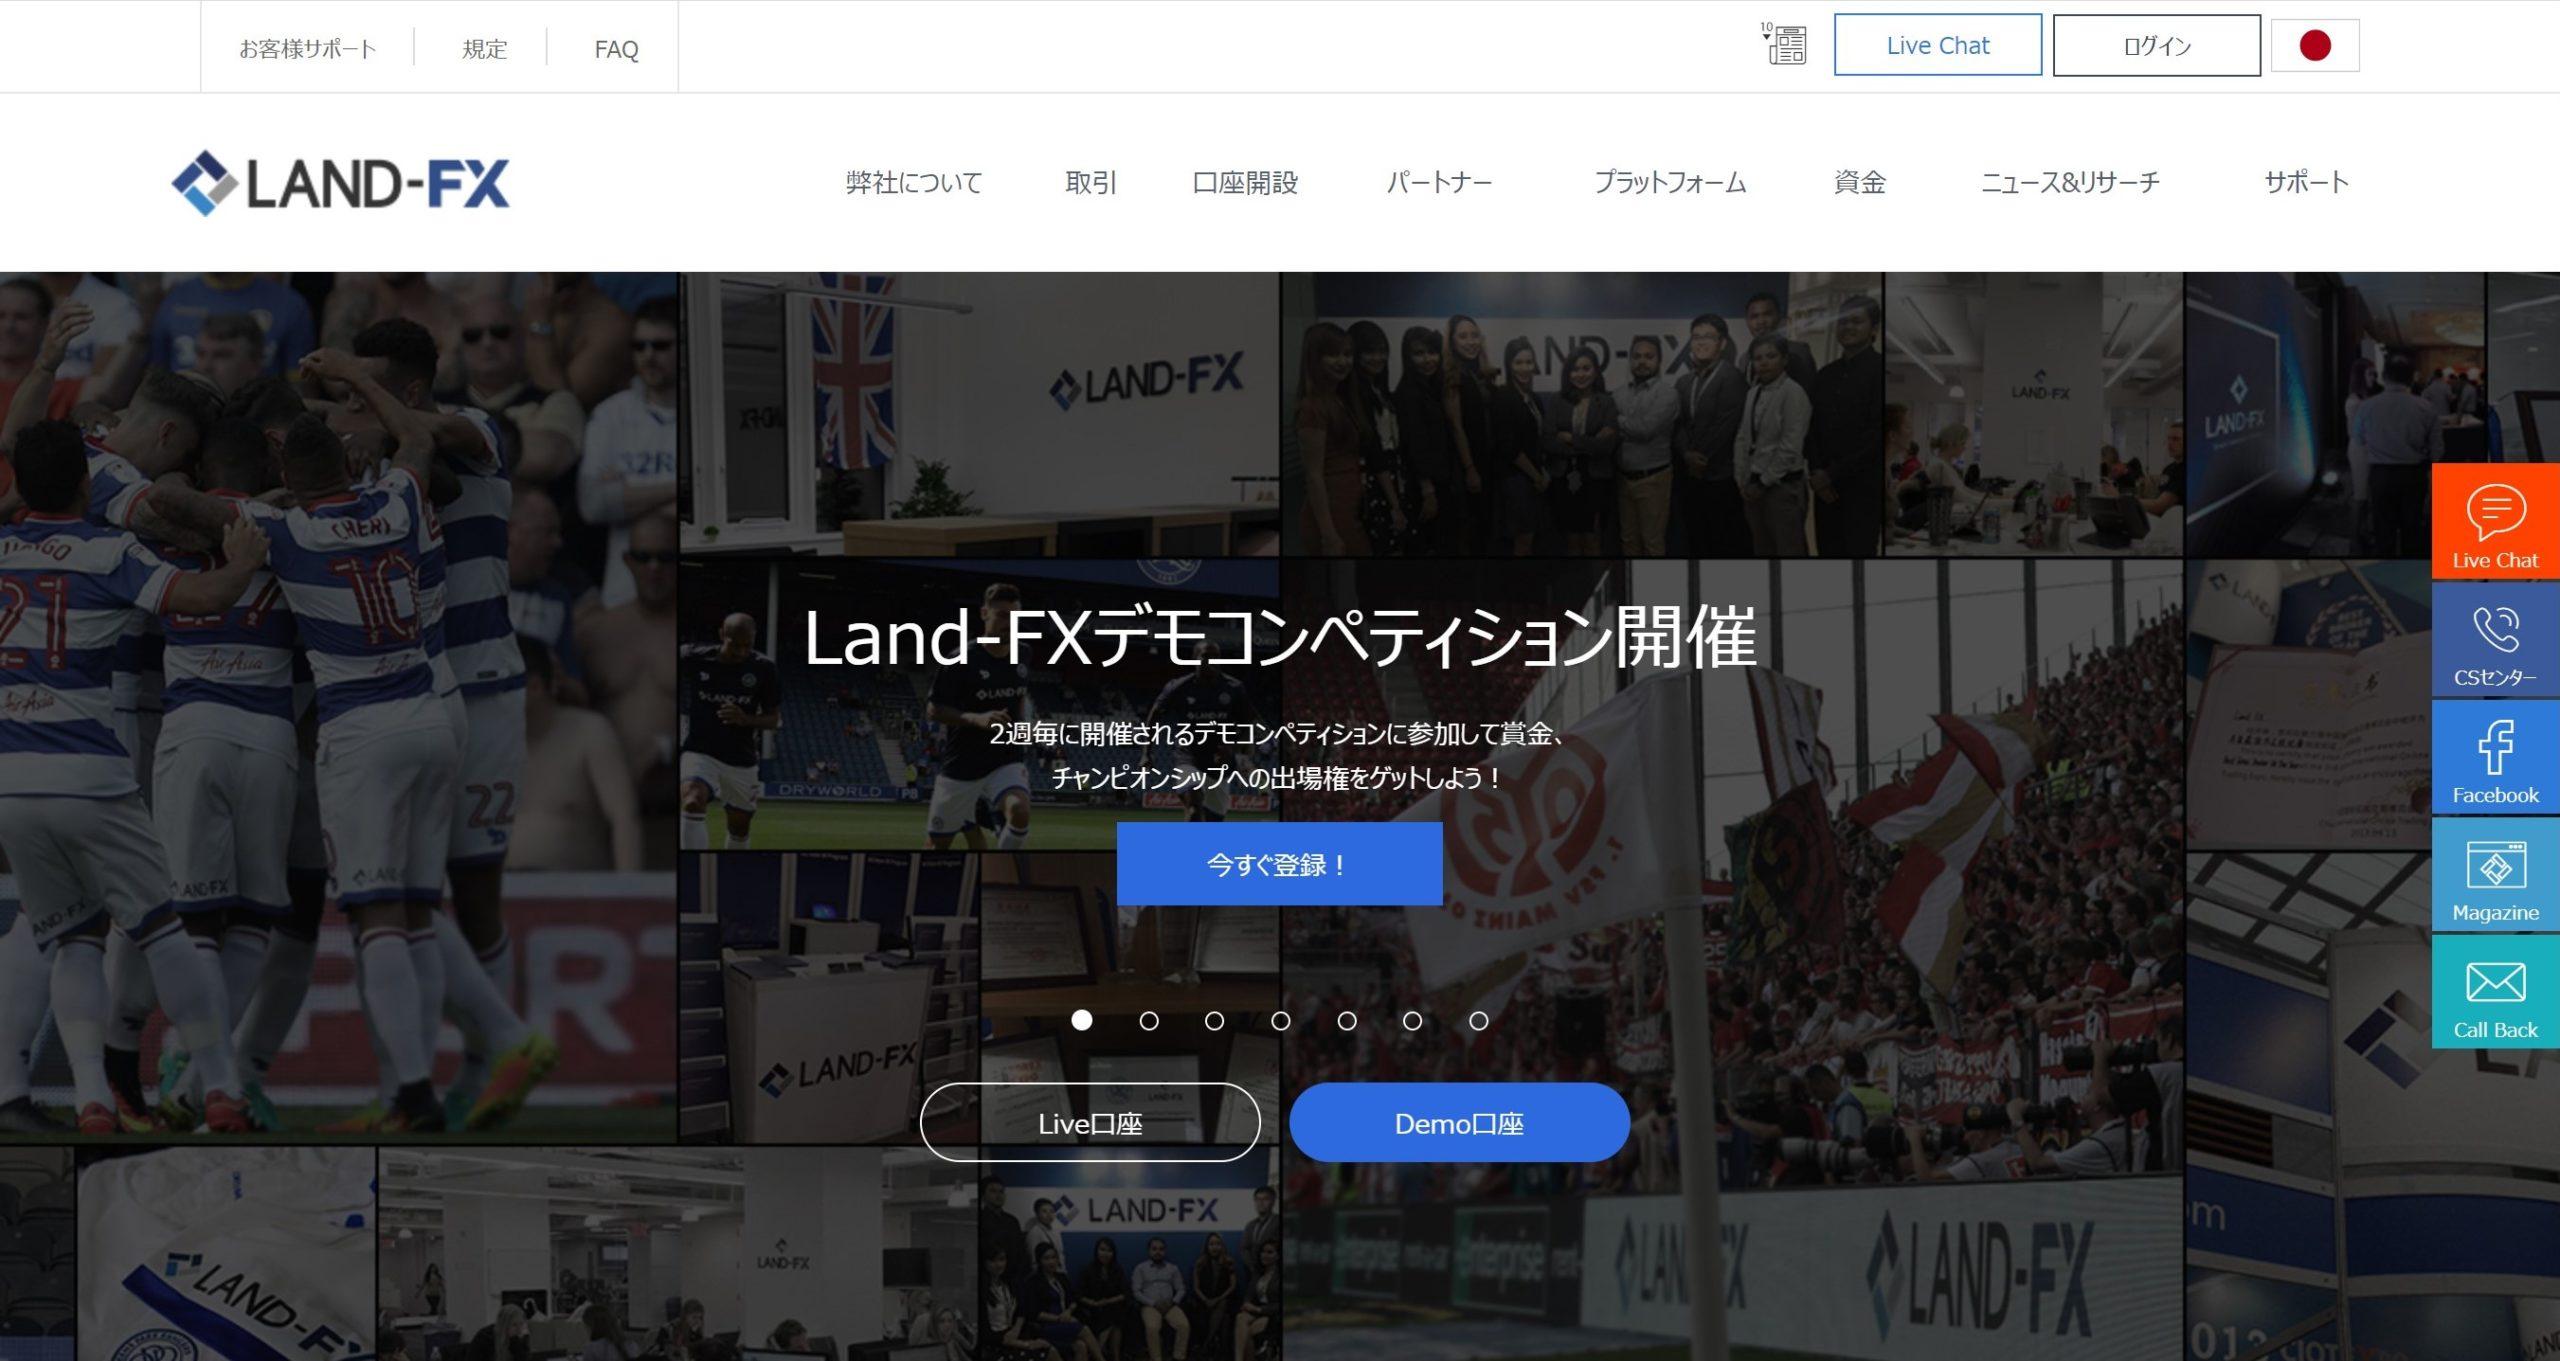 海外FX LAND FX 口座開設 メリット・デメリット